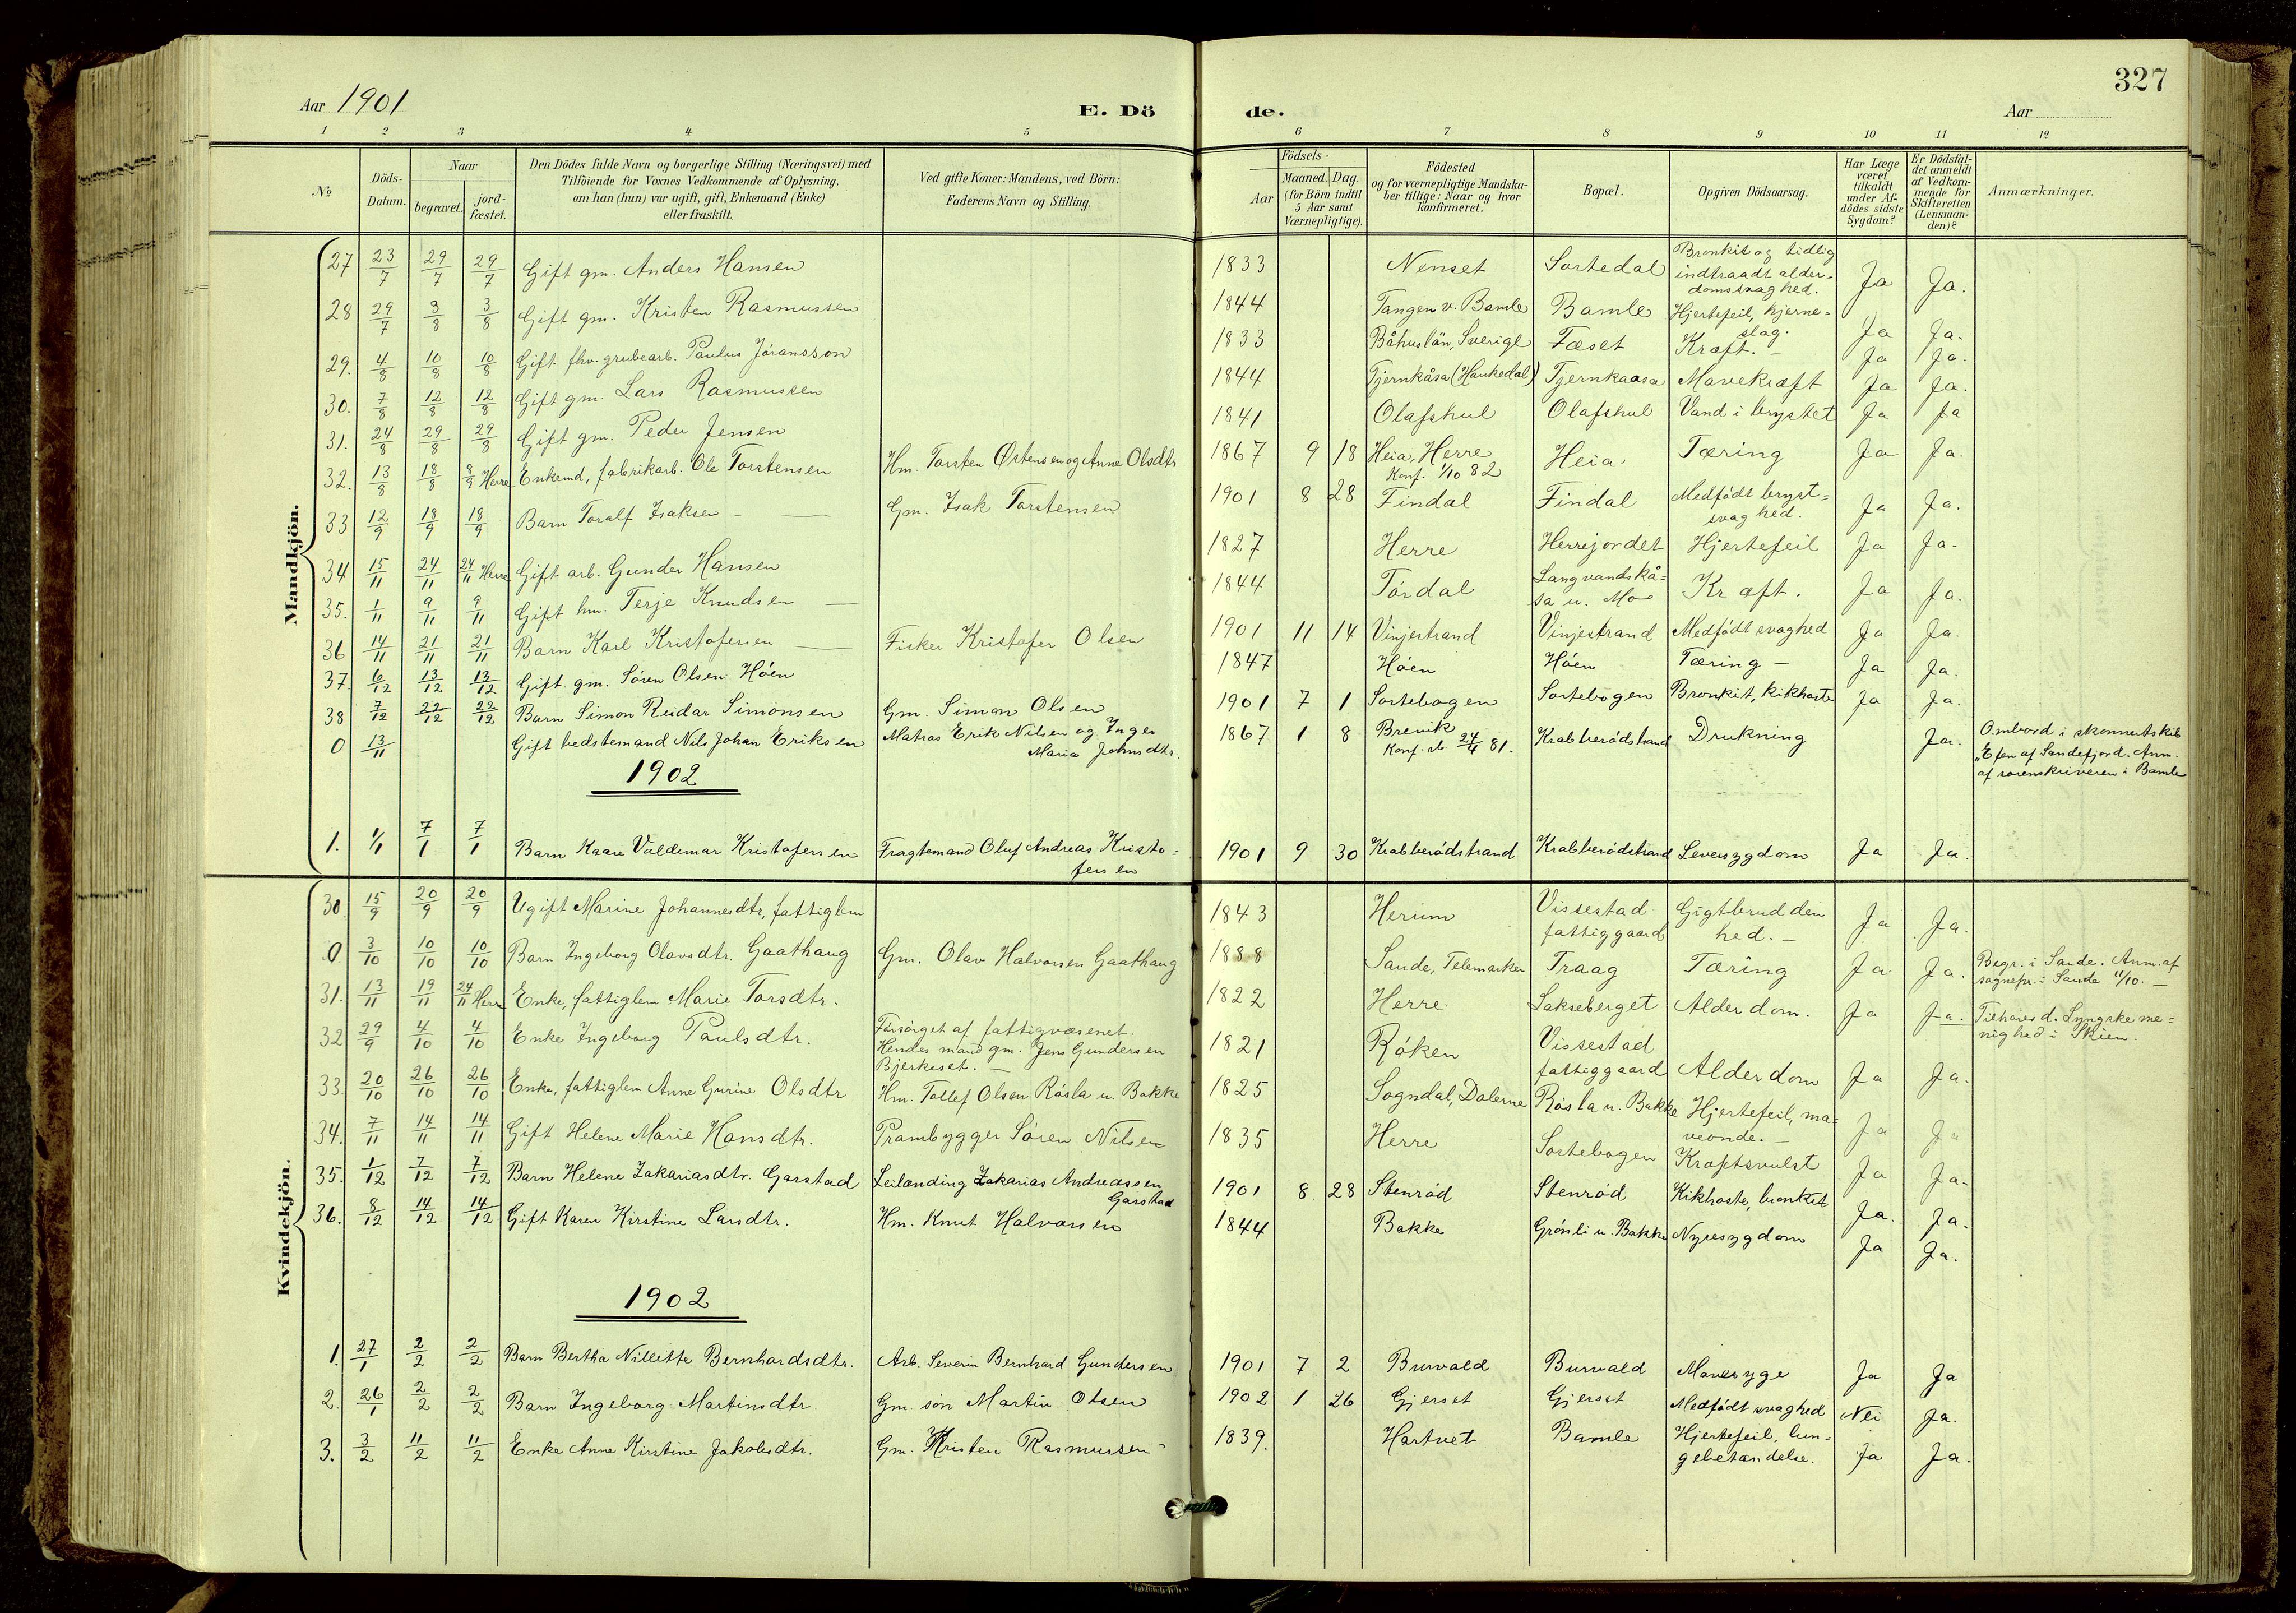 SAKO, Bamble kirkebøker, G/Ga/L0010: Klokkerbok nr. I 10, 1901-1919, s. 327